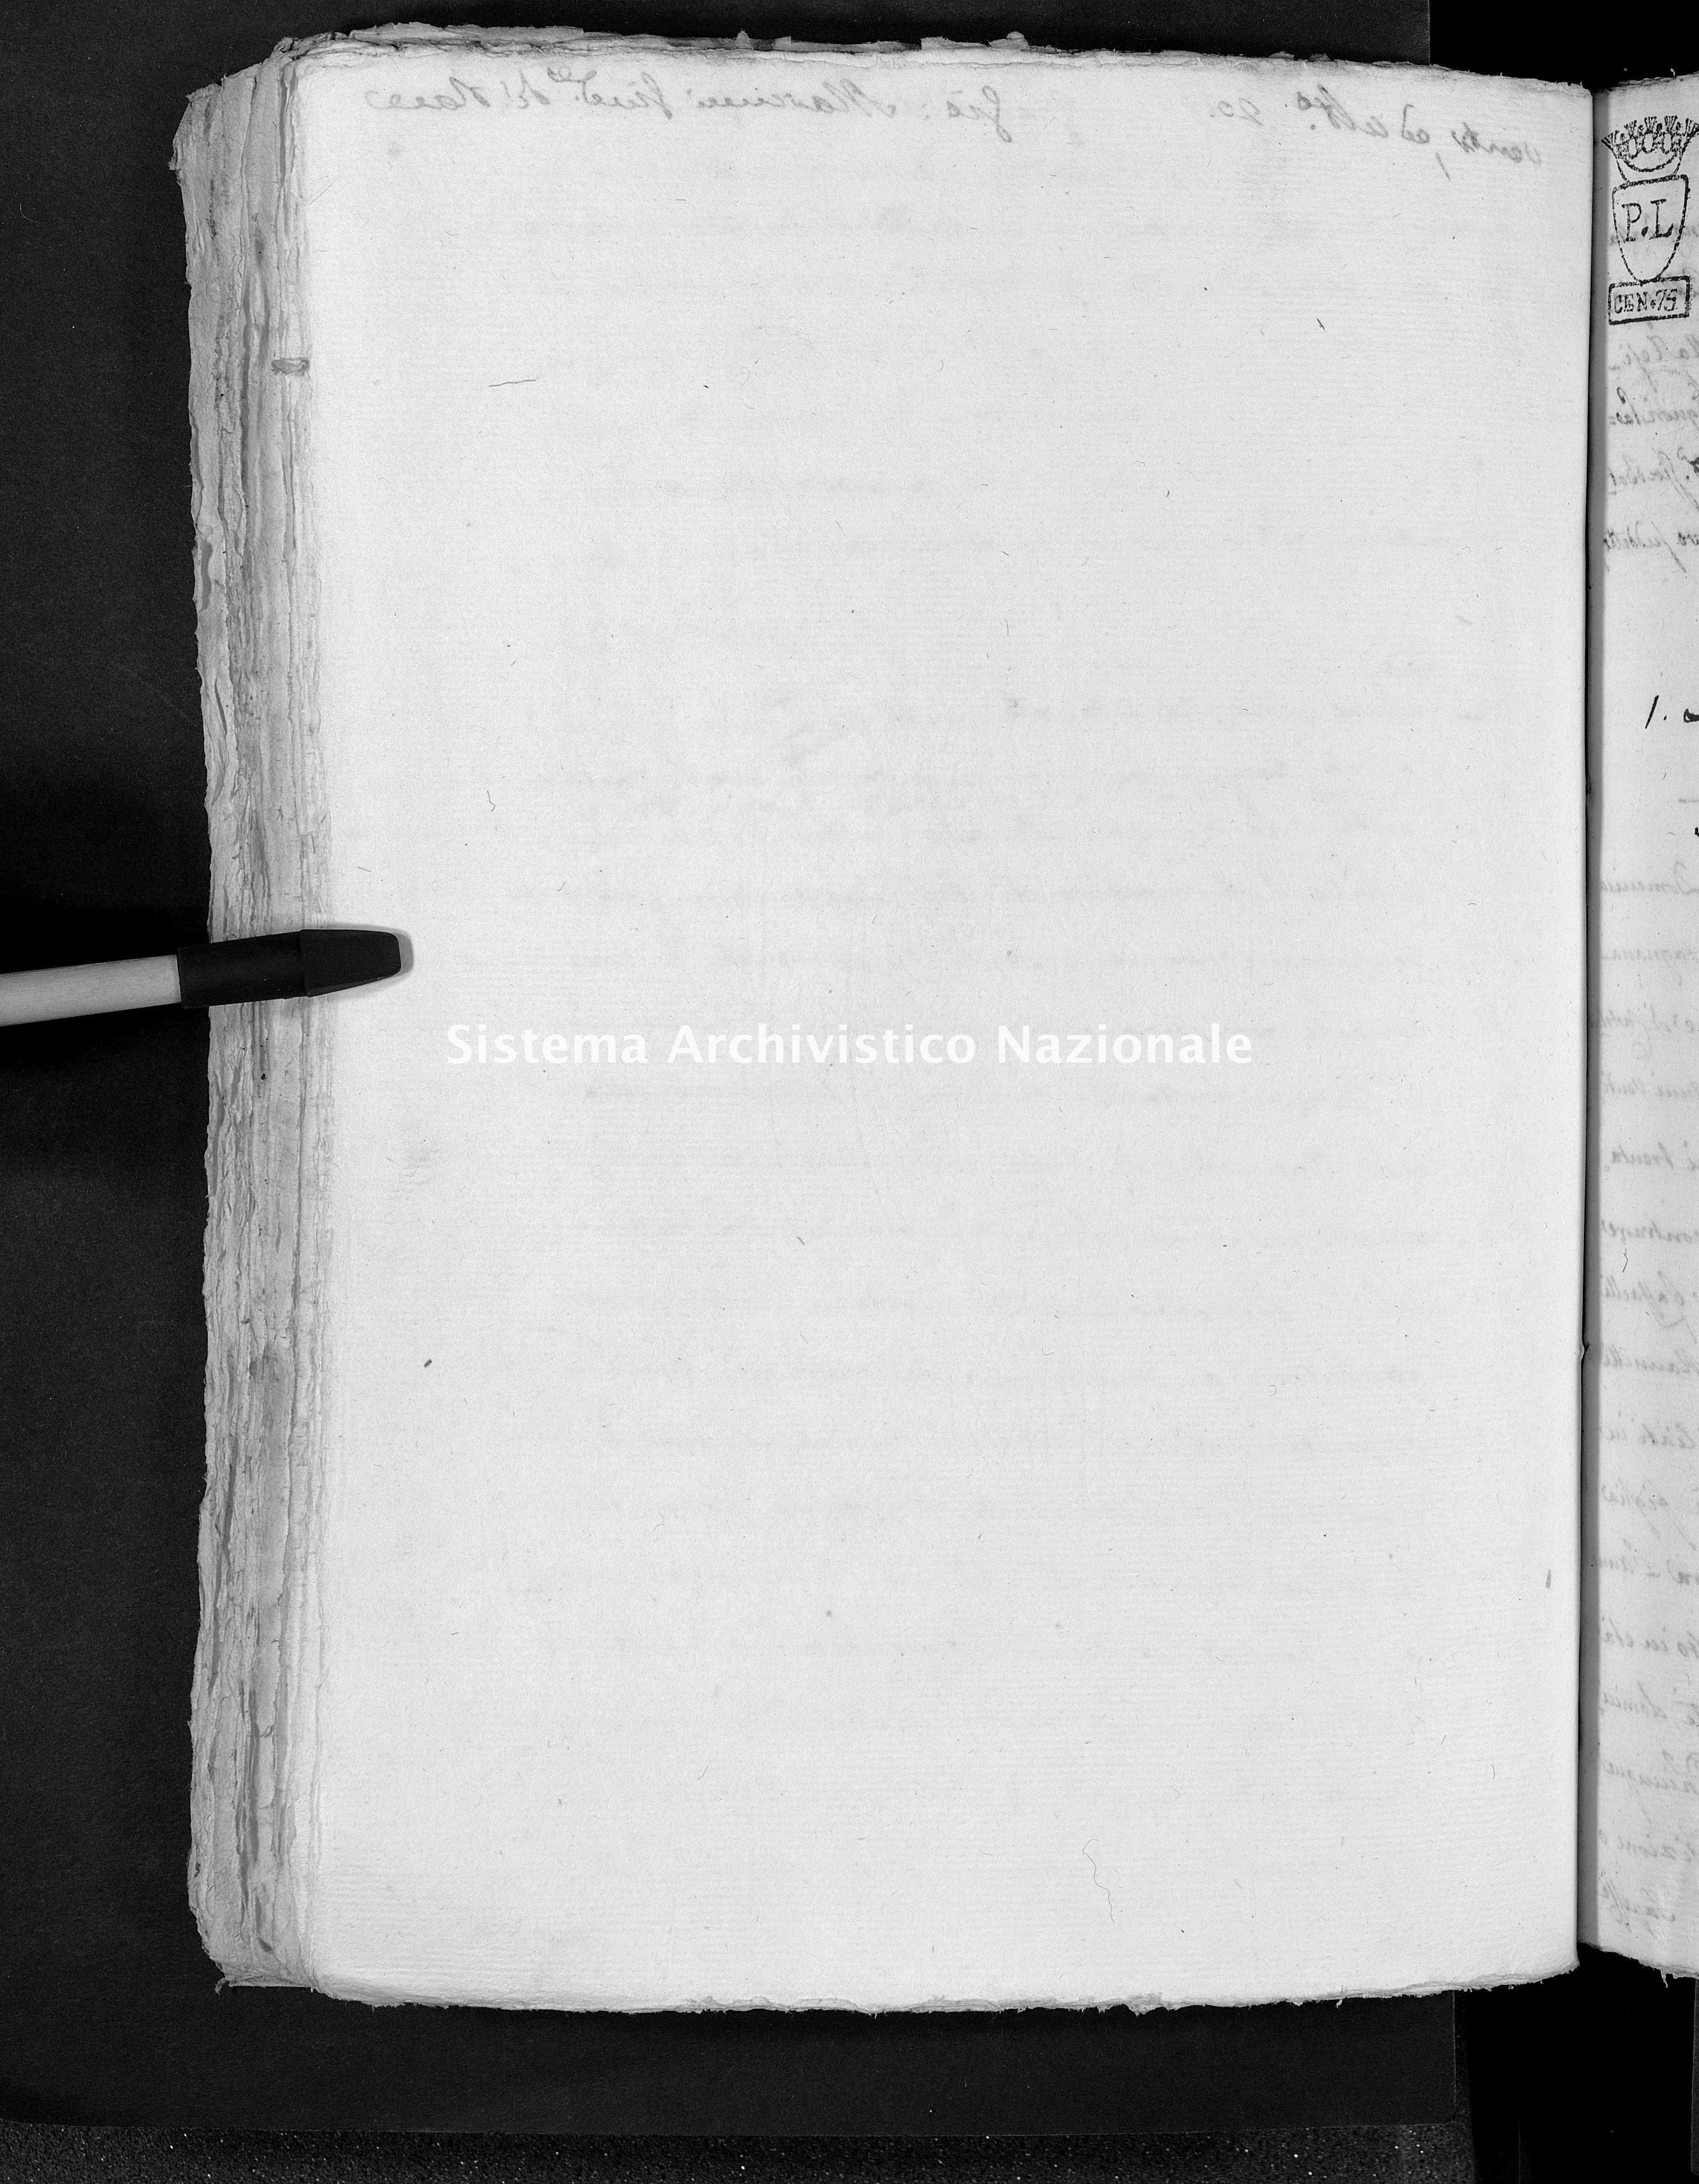 Archivio di stato di Lucca - Stato civile napoleonico - Castelnuovo - Matrimoni, pubblicazioni - 1809 - 66 -